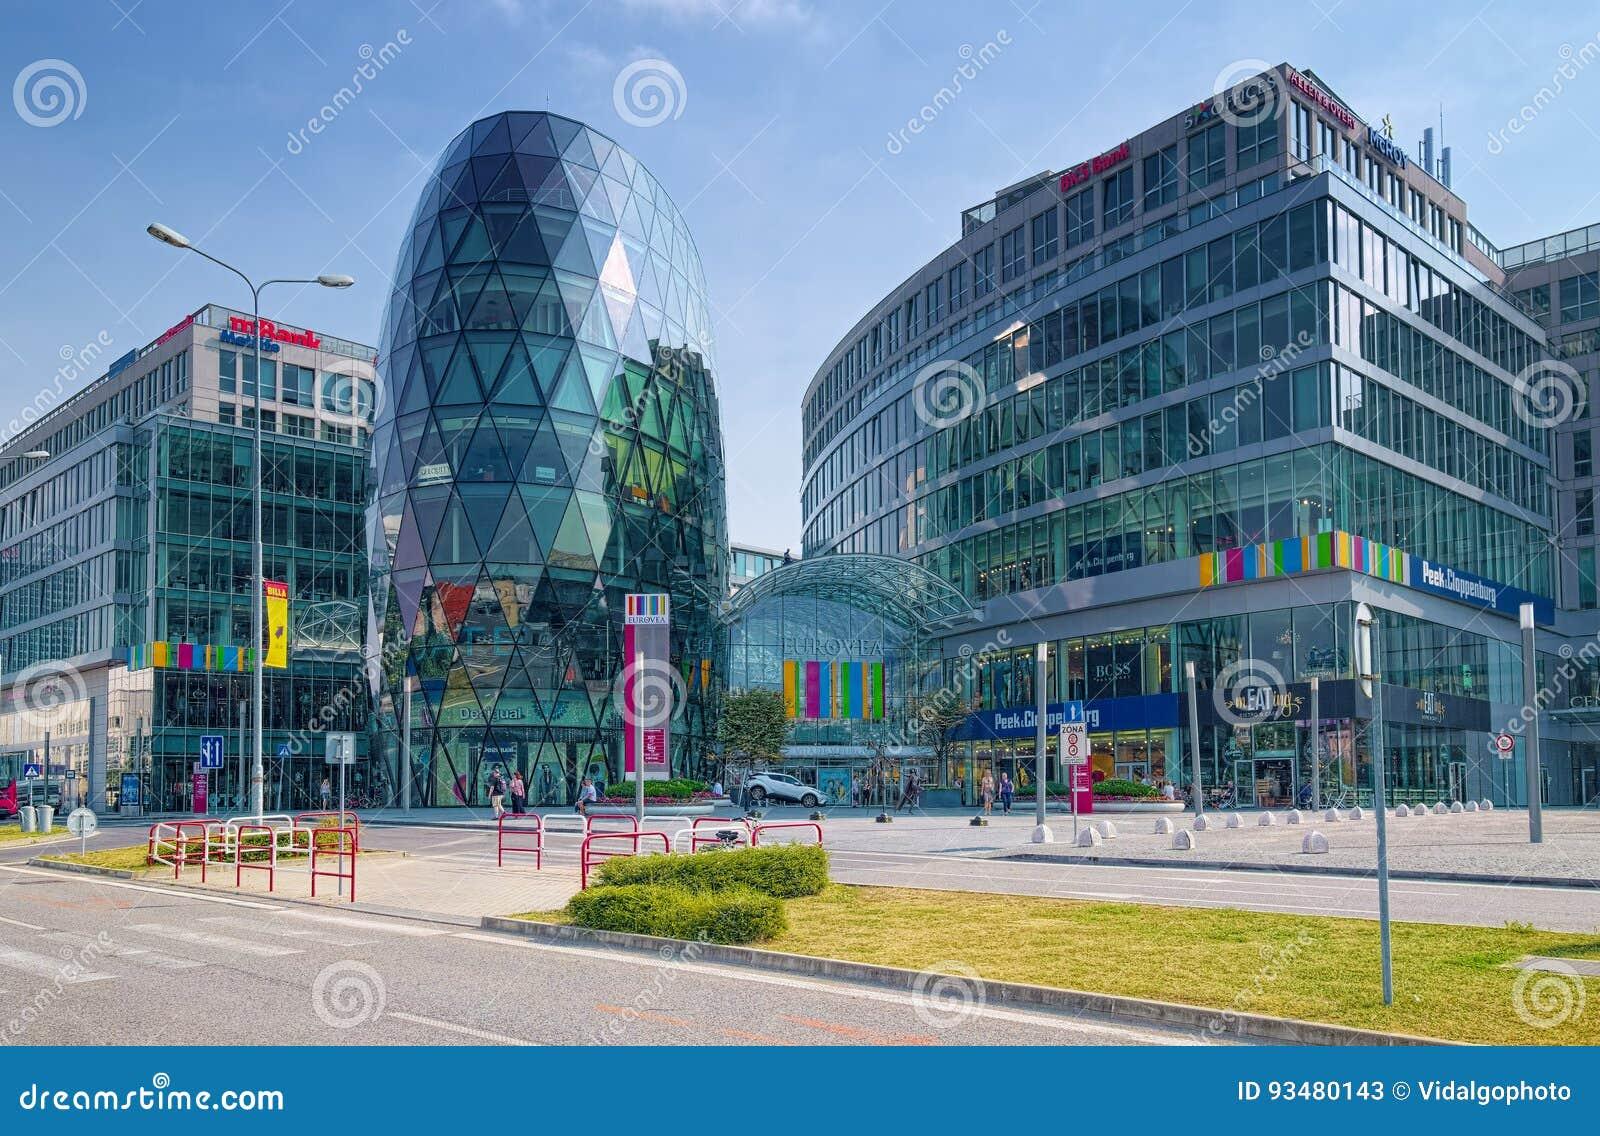 Glass Buildings Of Eurovea Mall In Bratislava 7dec99e51d3